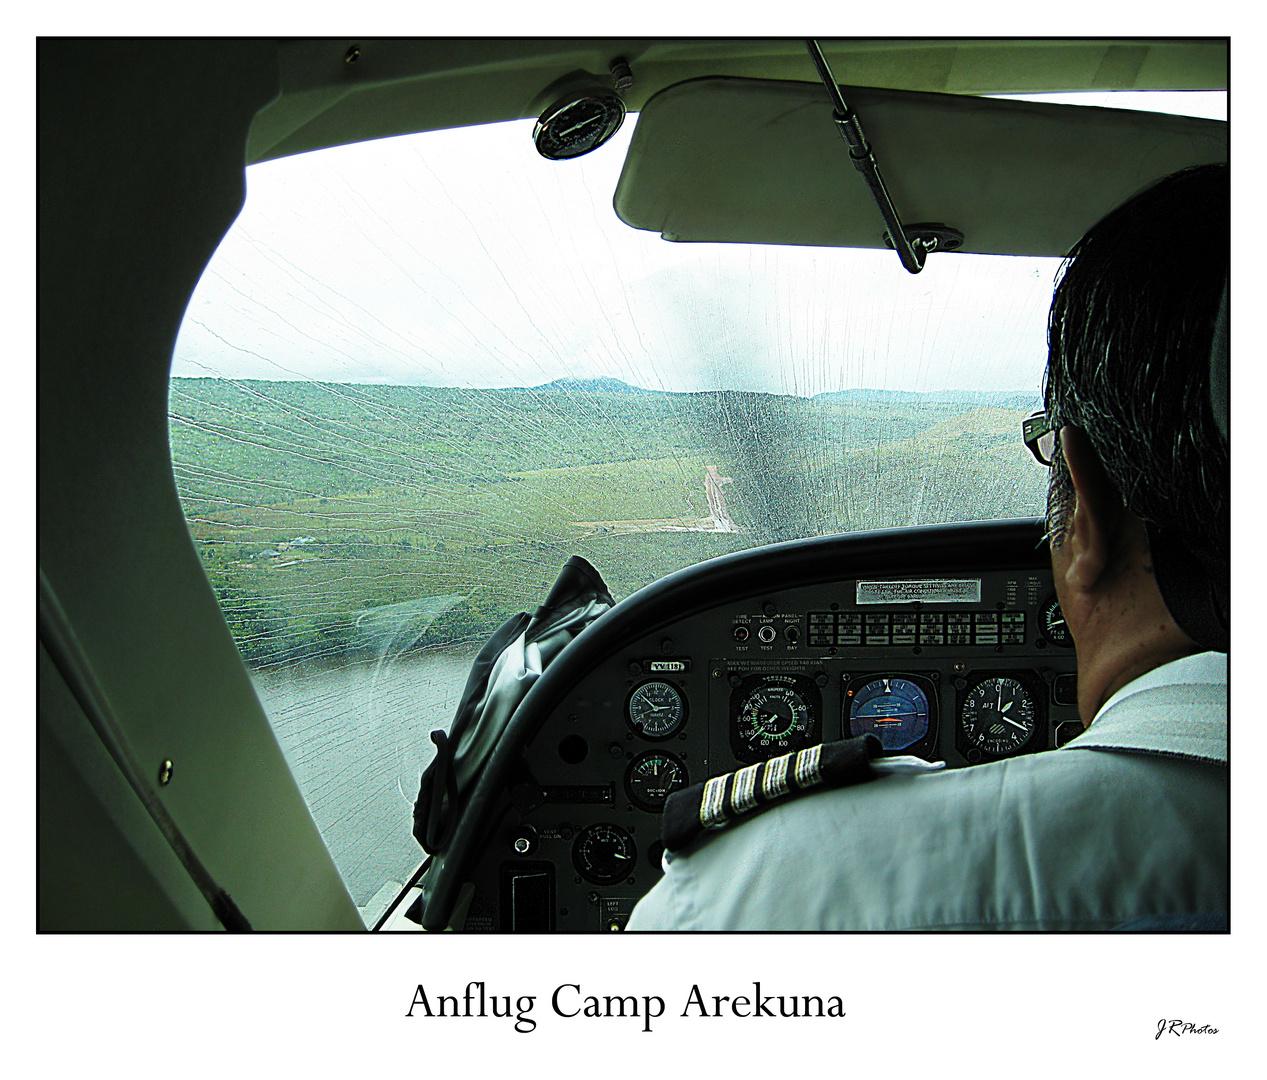 Anflug Camp Arekuna